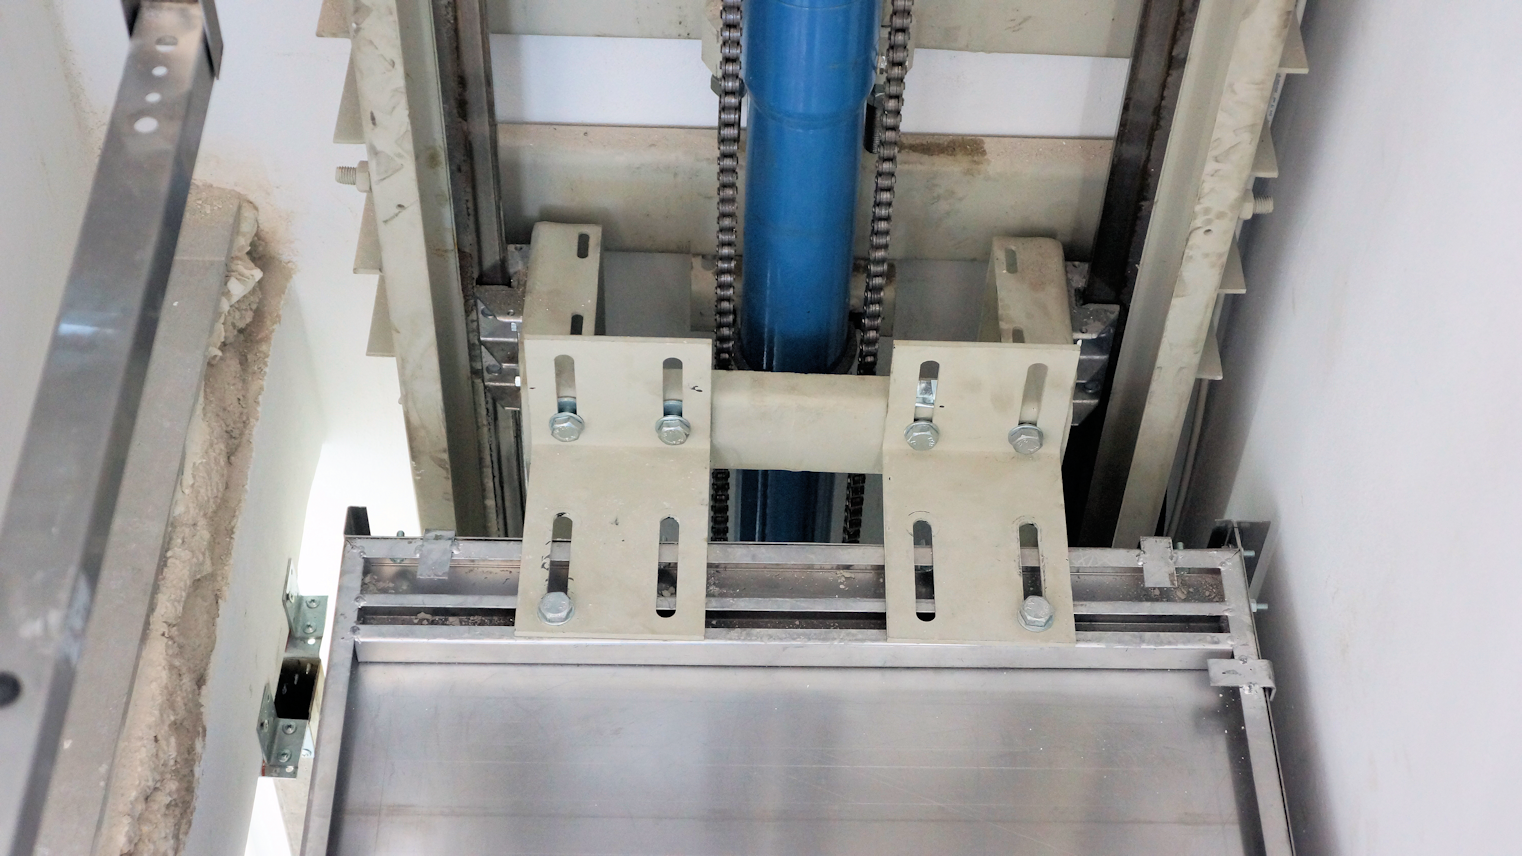 Ανελκυστήρας ασανσερ - Αναβατόριο Mικρού Φορτίου kleemann hellas (7)